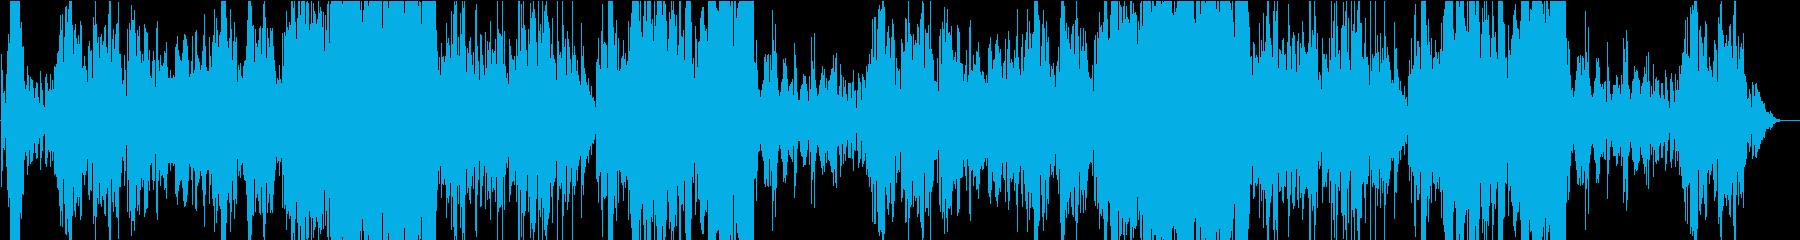 メルヘンでコミカルな木管のゴシック曲の再生済みの波形